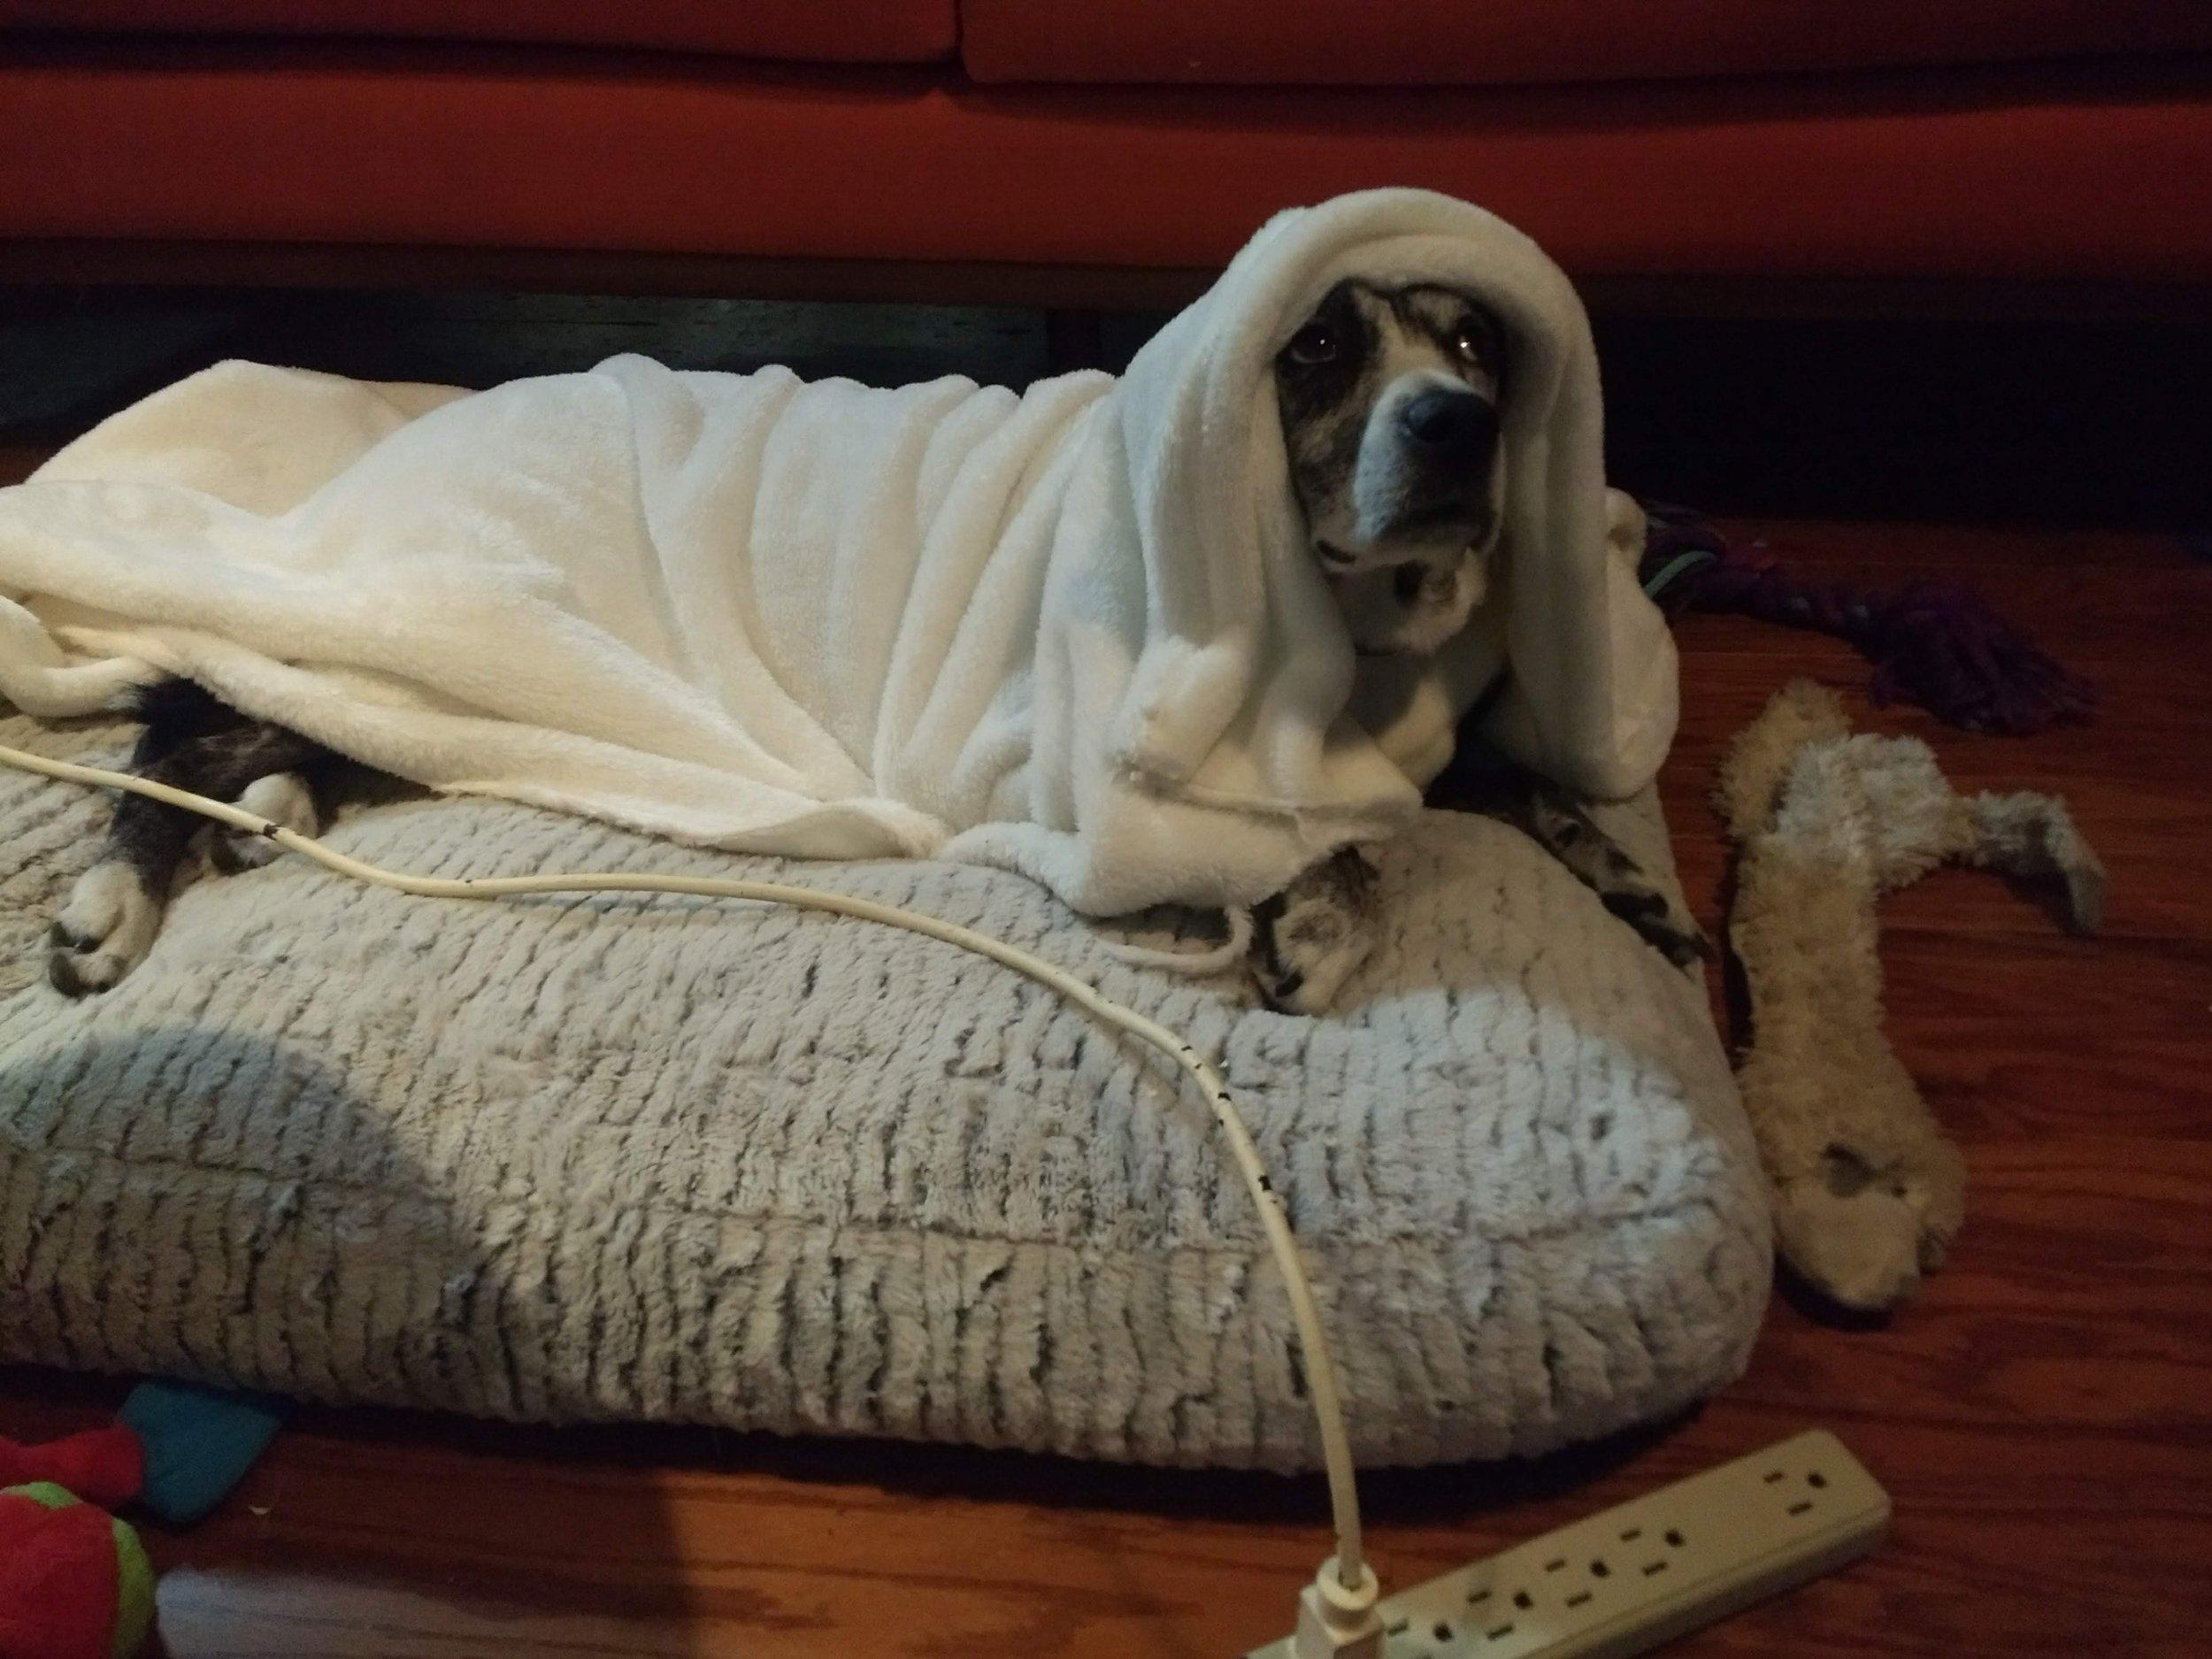 Laika taking a rest, after her big scene.